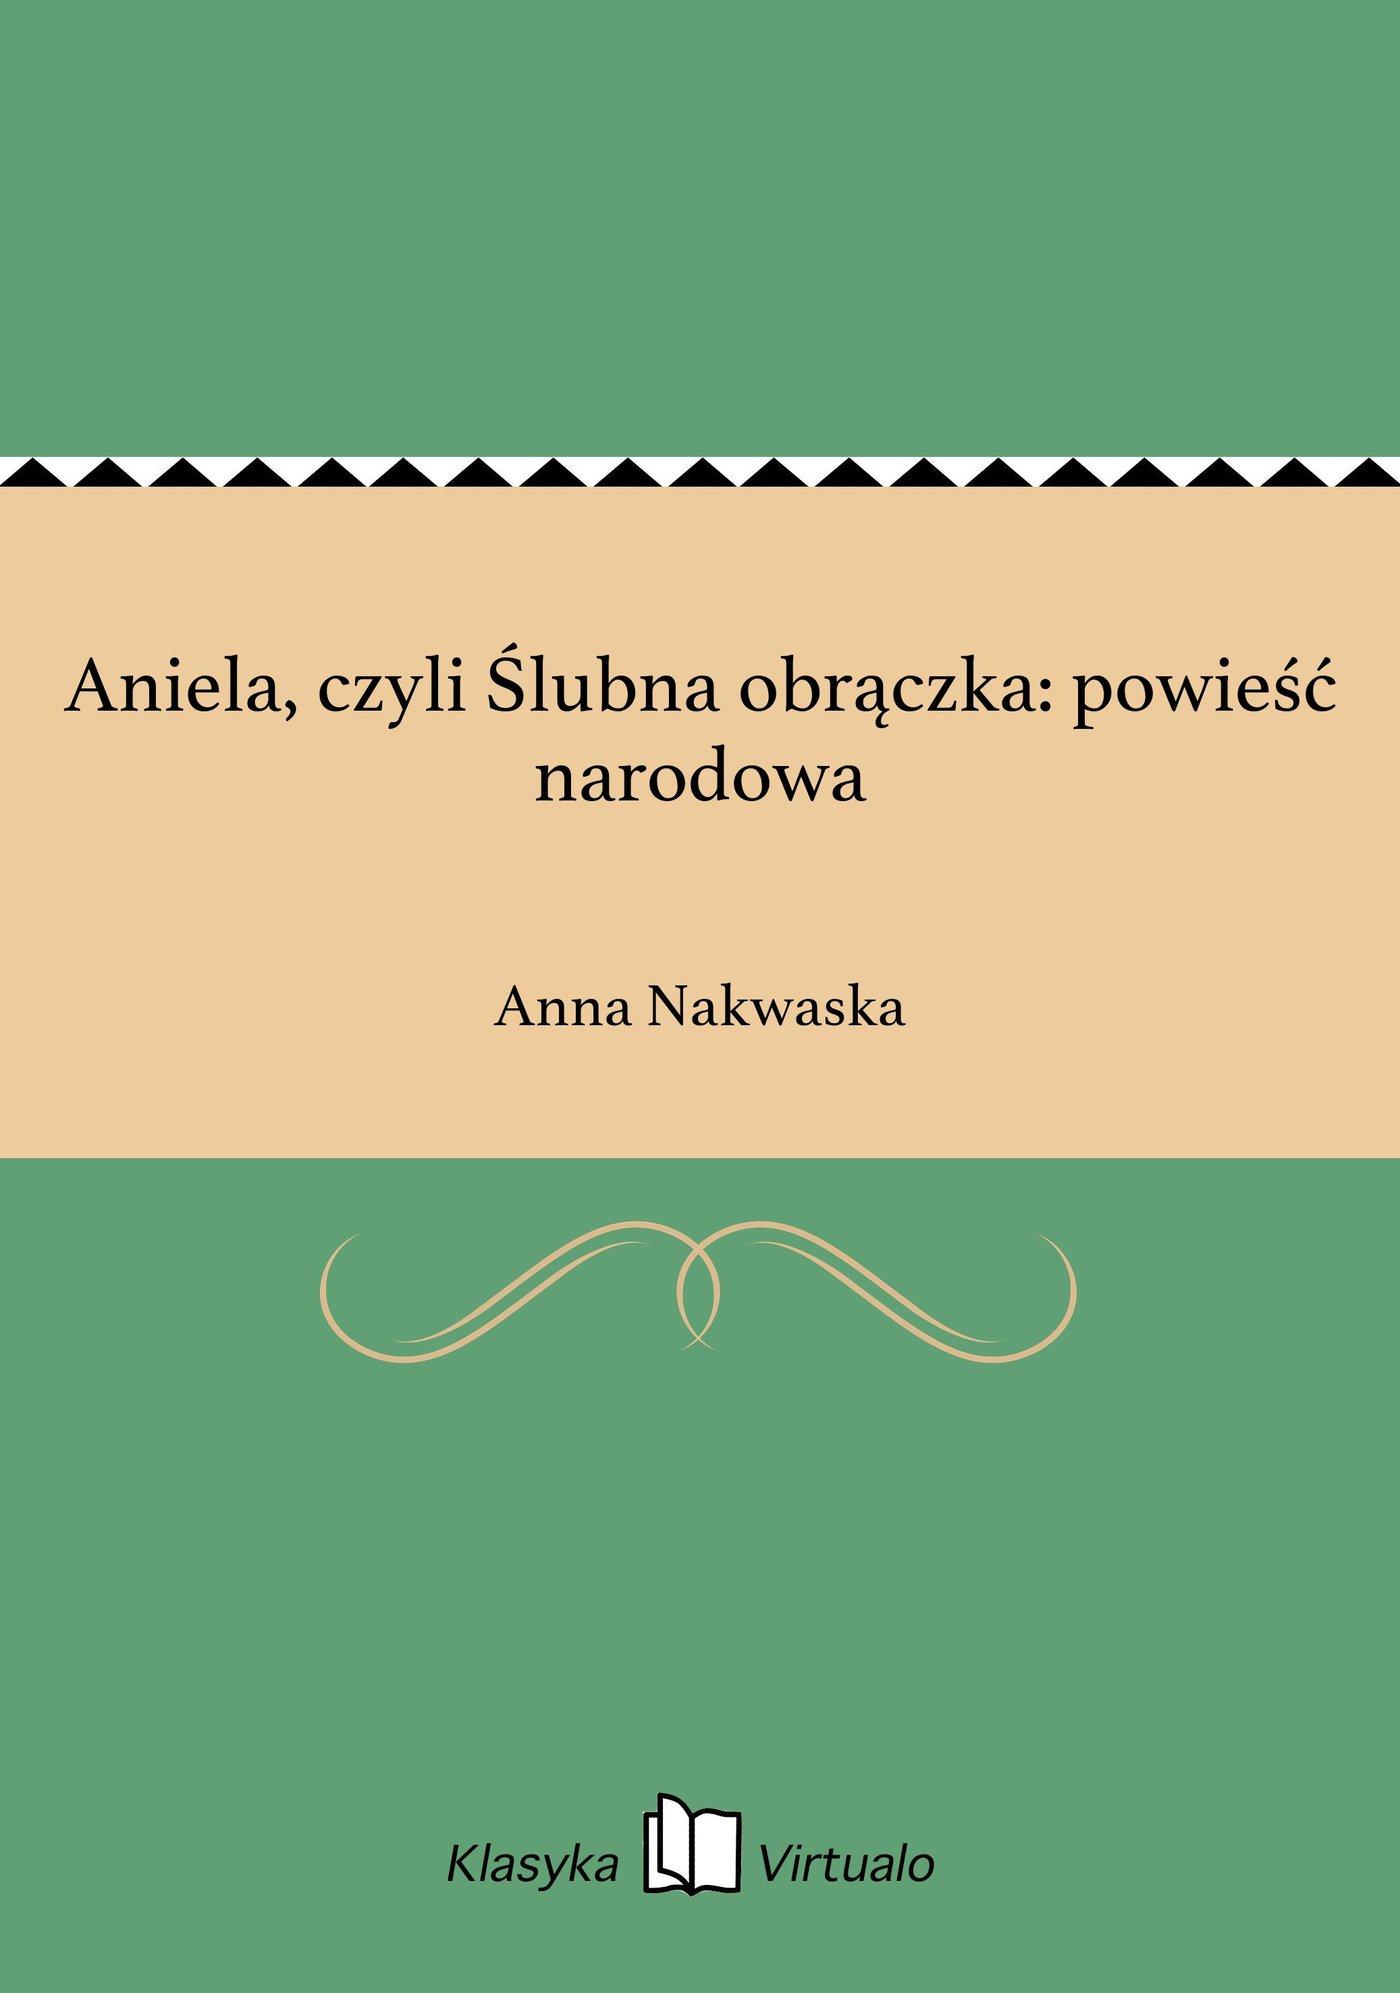 Aniela, czyli Ślubna obrączka: powieść narodowa - Ebook (Książka EPUB) do pobrania w formacie EPUB